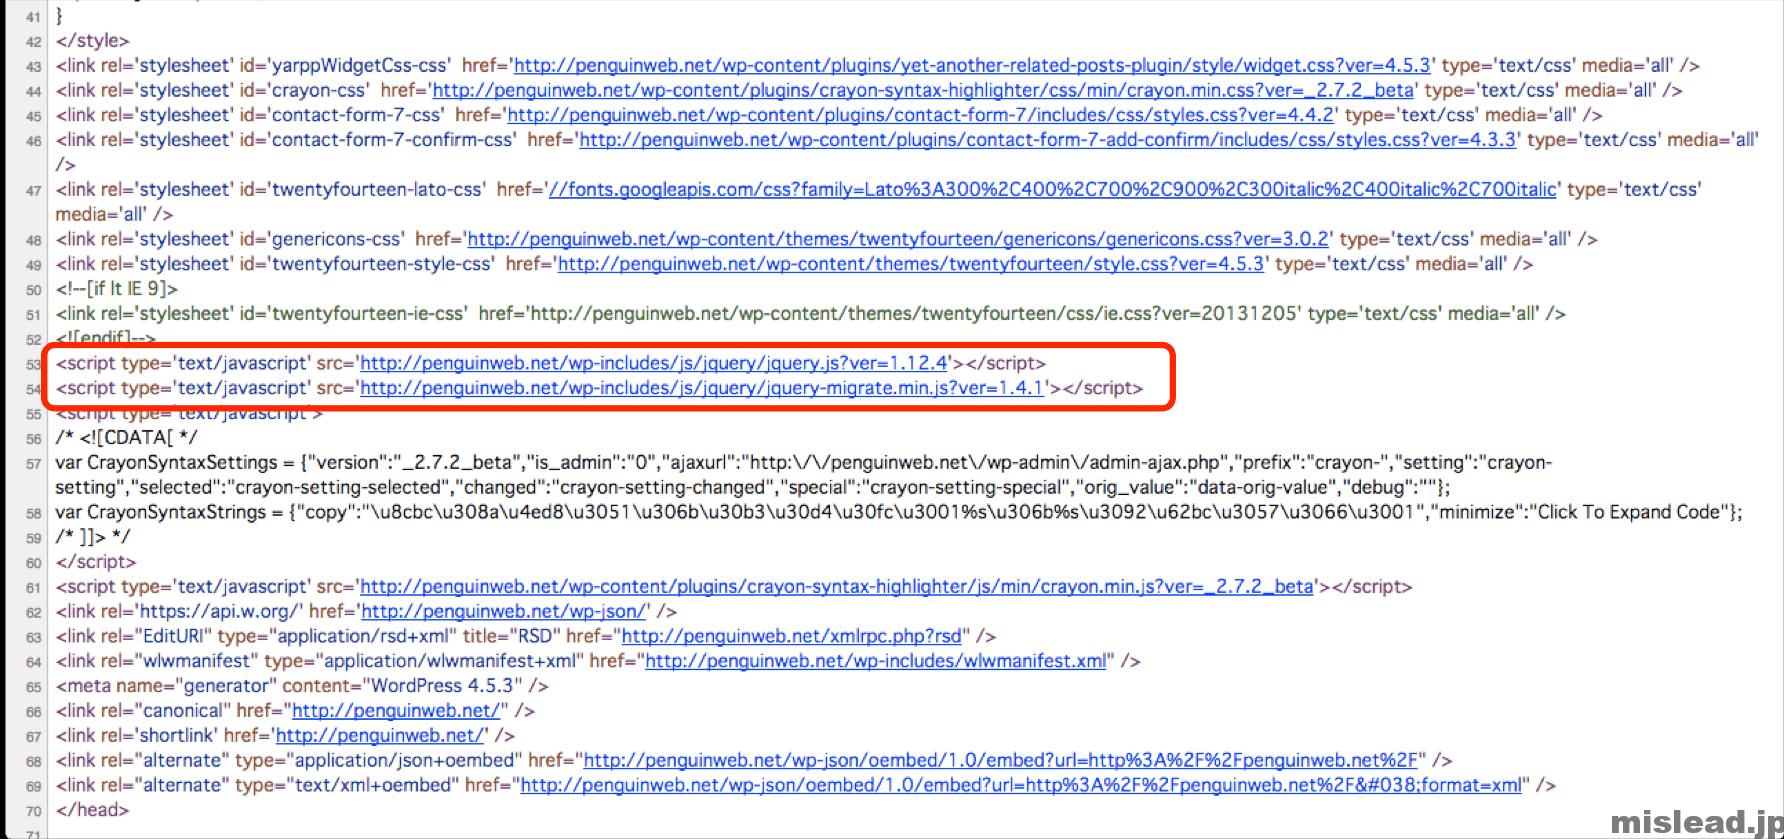 WordPress デフォルトで呼び出されるJQueryファイル